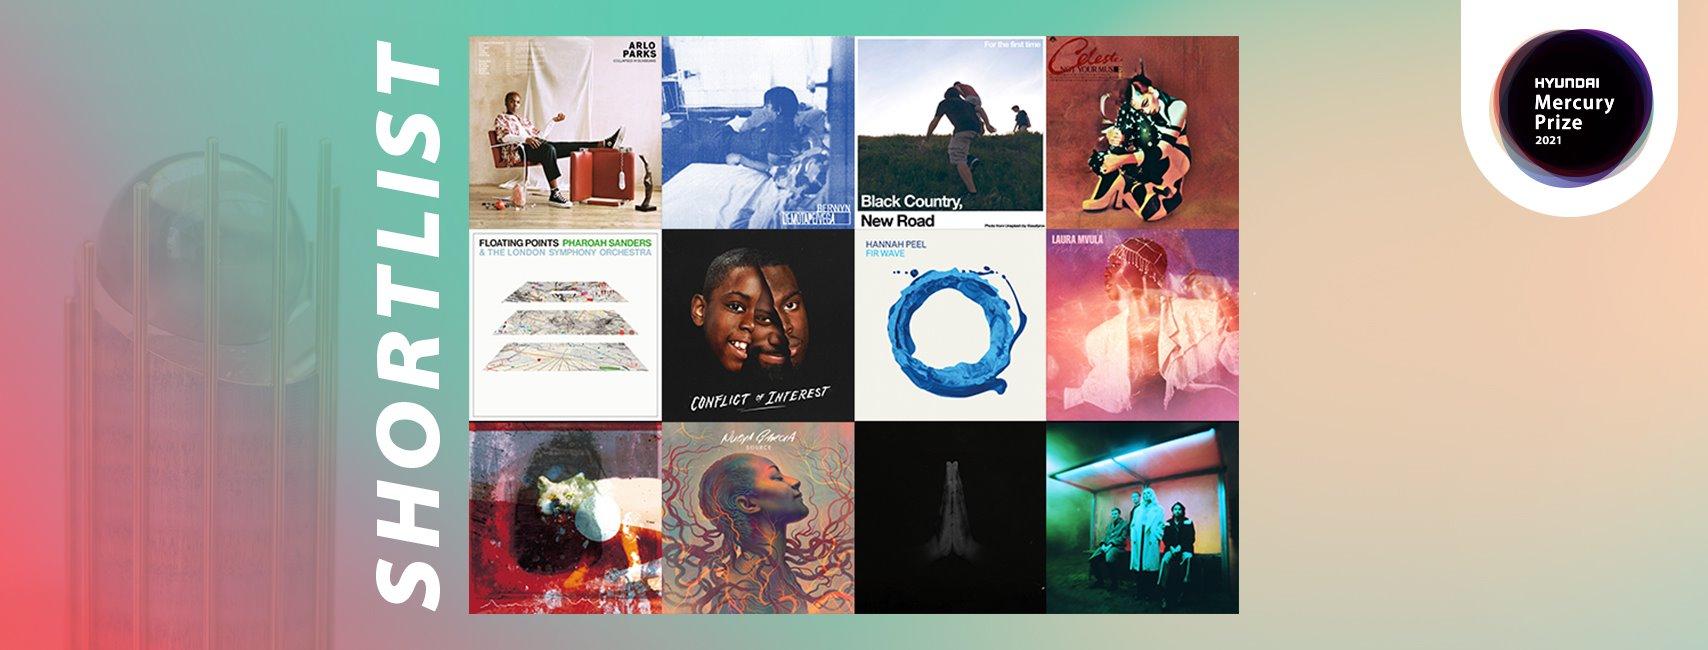 Atskleistas pretenduojančių į Mercury Prize albumų dvyliktukas